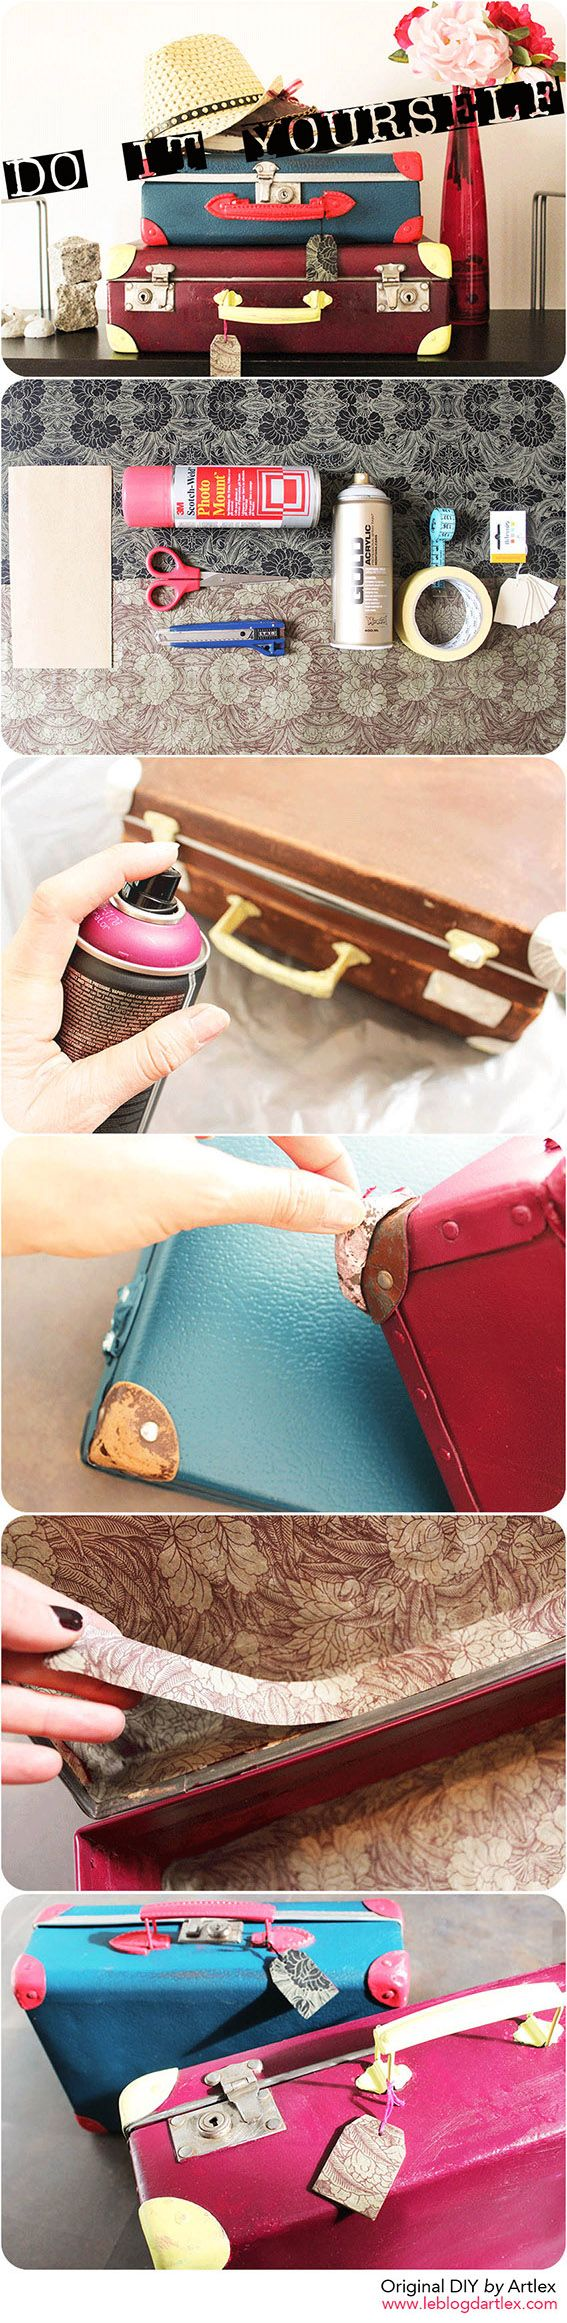 Vintage suitcase DIY // DIY valise vintage // Blog mode et DIY Artlex